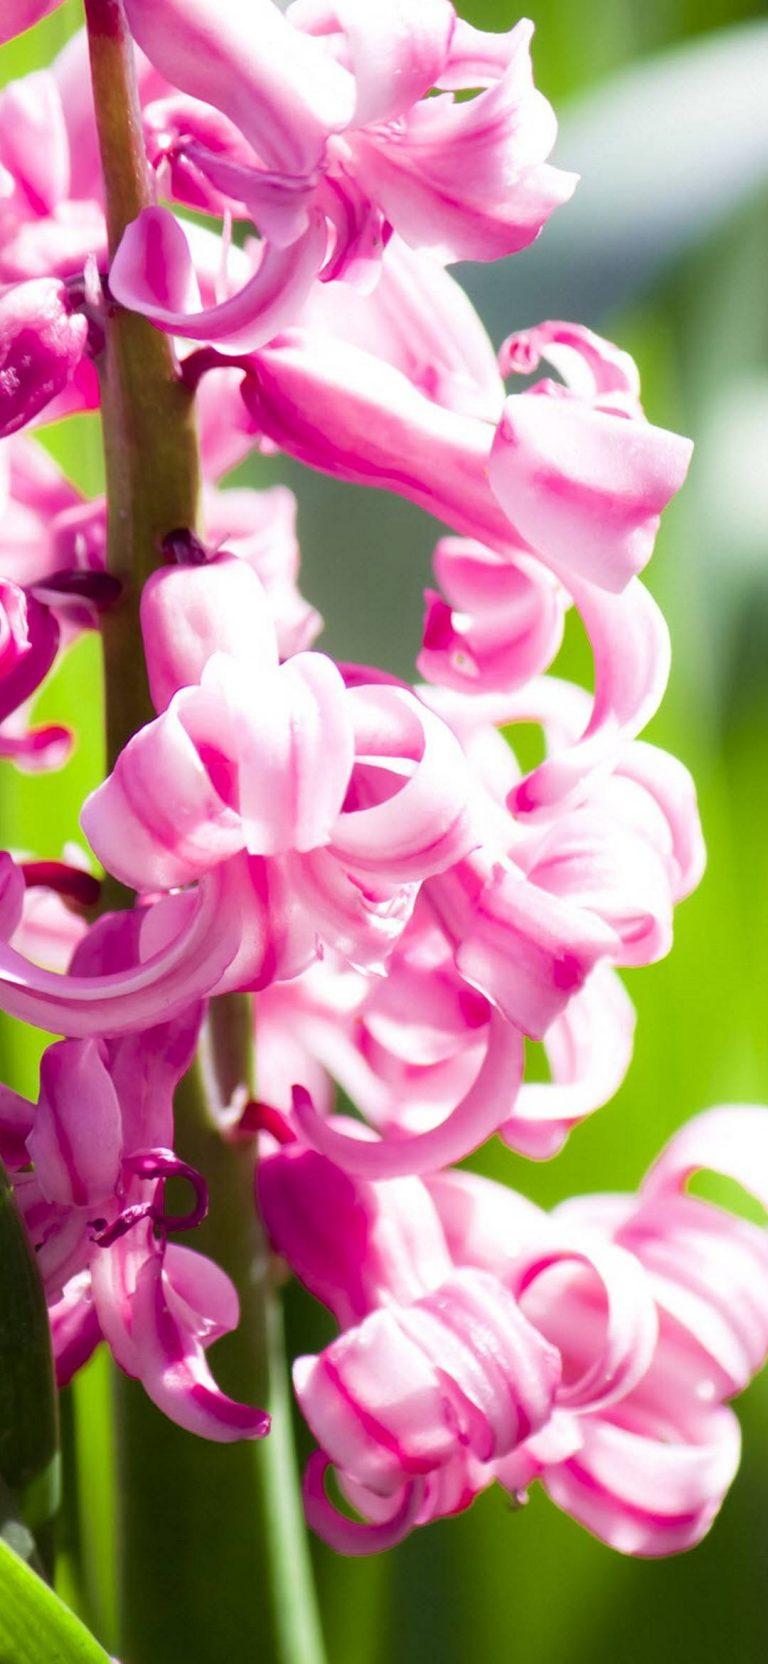 Amazing Pink Flowers 1080x2340 768x1664